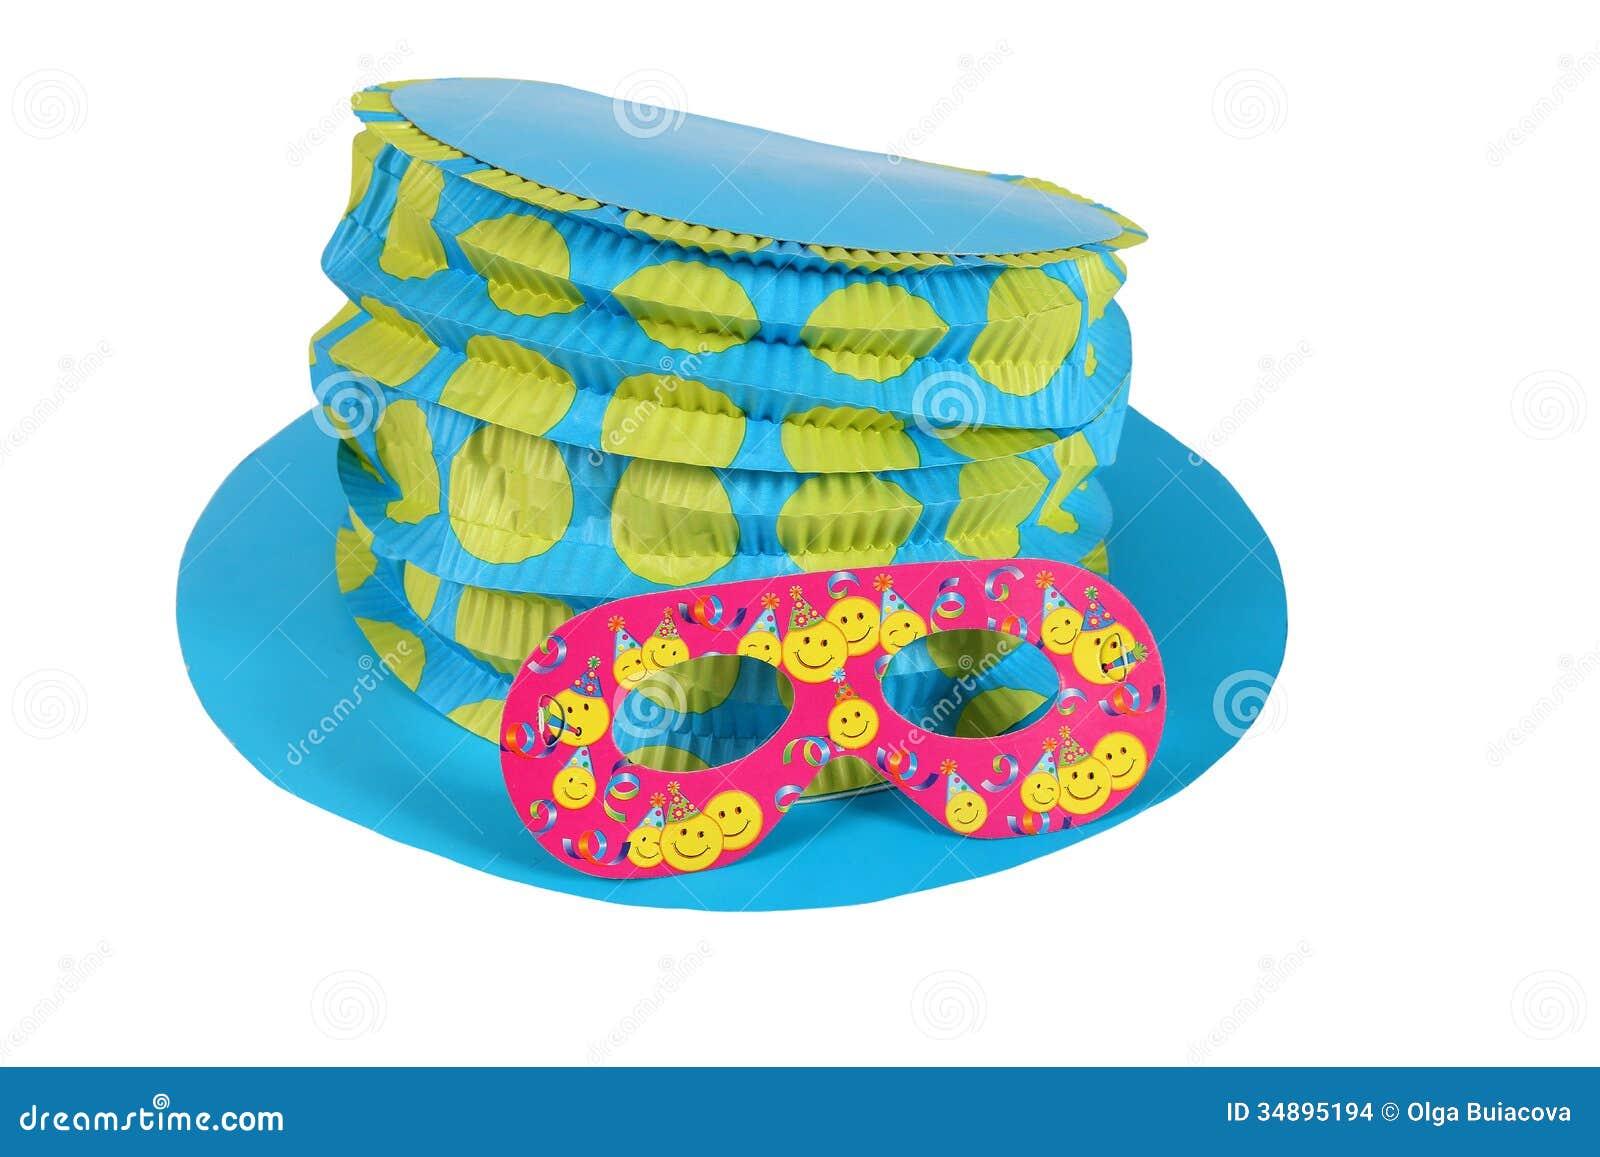 Cappello E Maschera Blu Per Il Carnevale Fotografia Stock - Immagine ... 55d18521349a